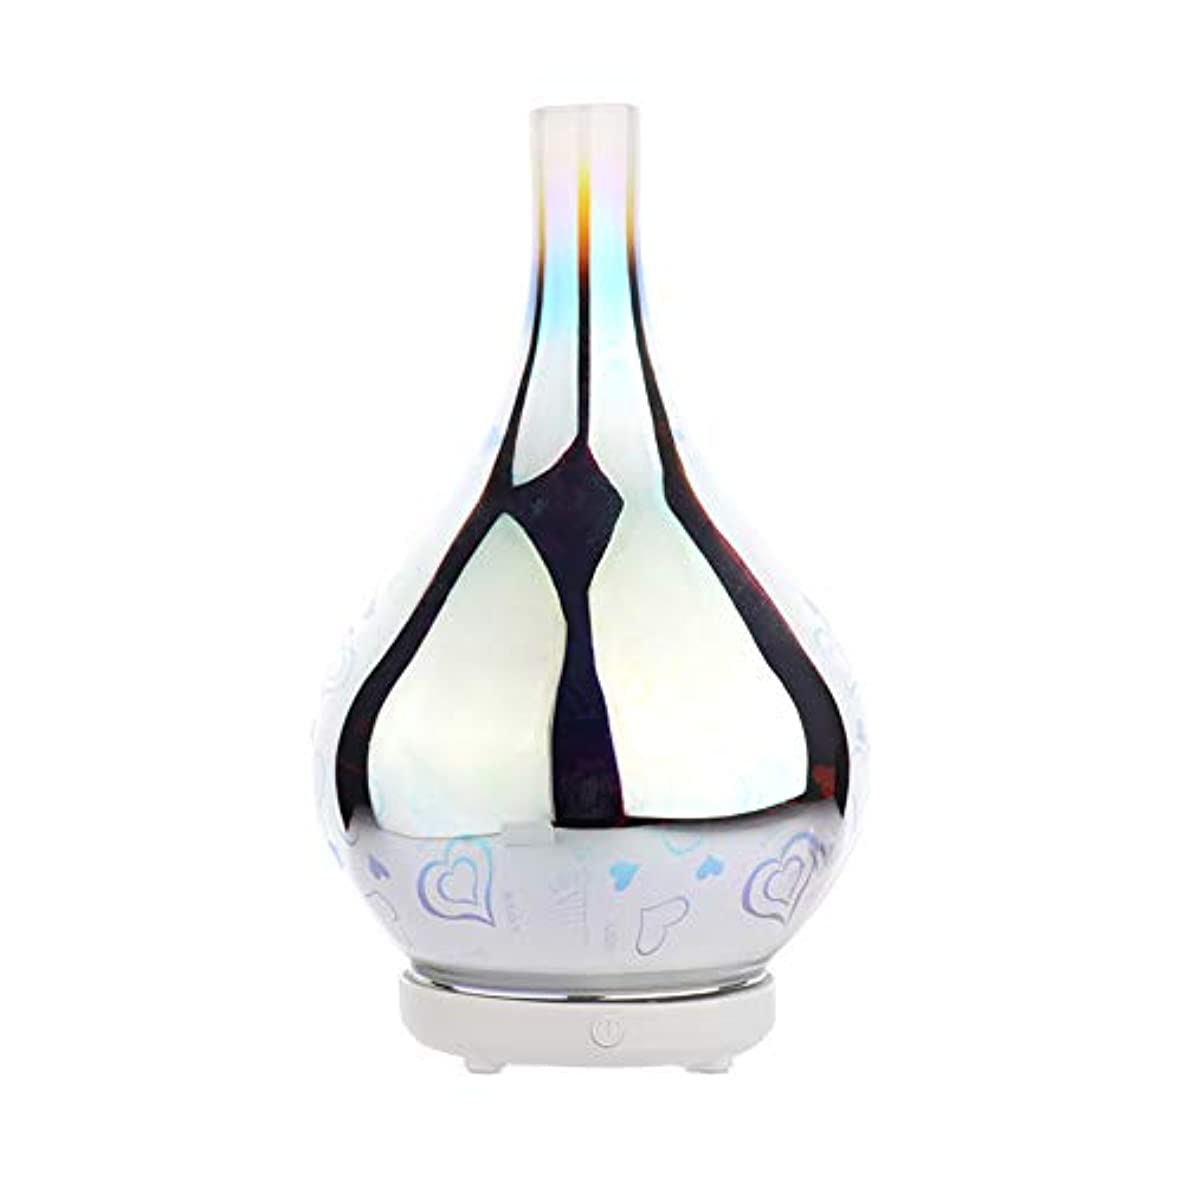 放棄された書く切手DC 二色 3Dガラス夜ライトアロマテラピーマシン 精油の拡散器 香りのアロマセラピー アロマセラピーディフューザー